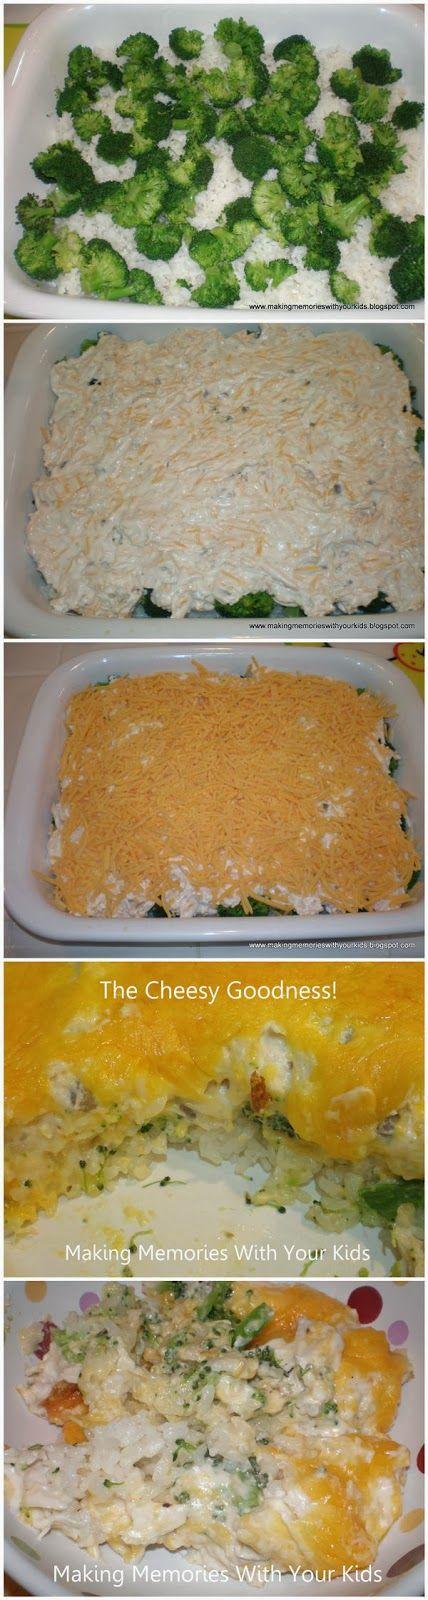 Chicken Broccoli Casserole. Easy weeknight meal